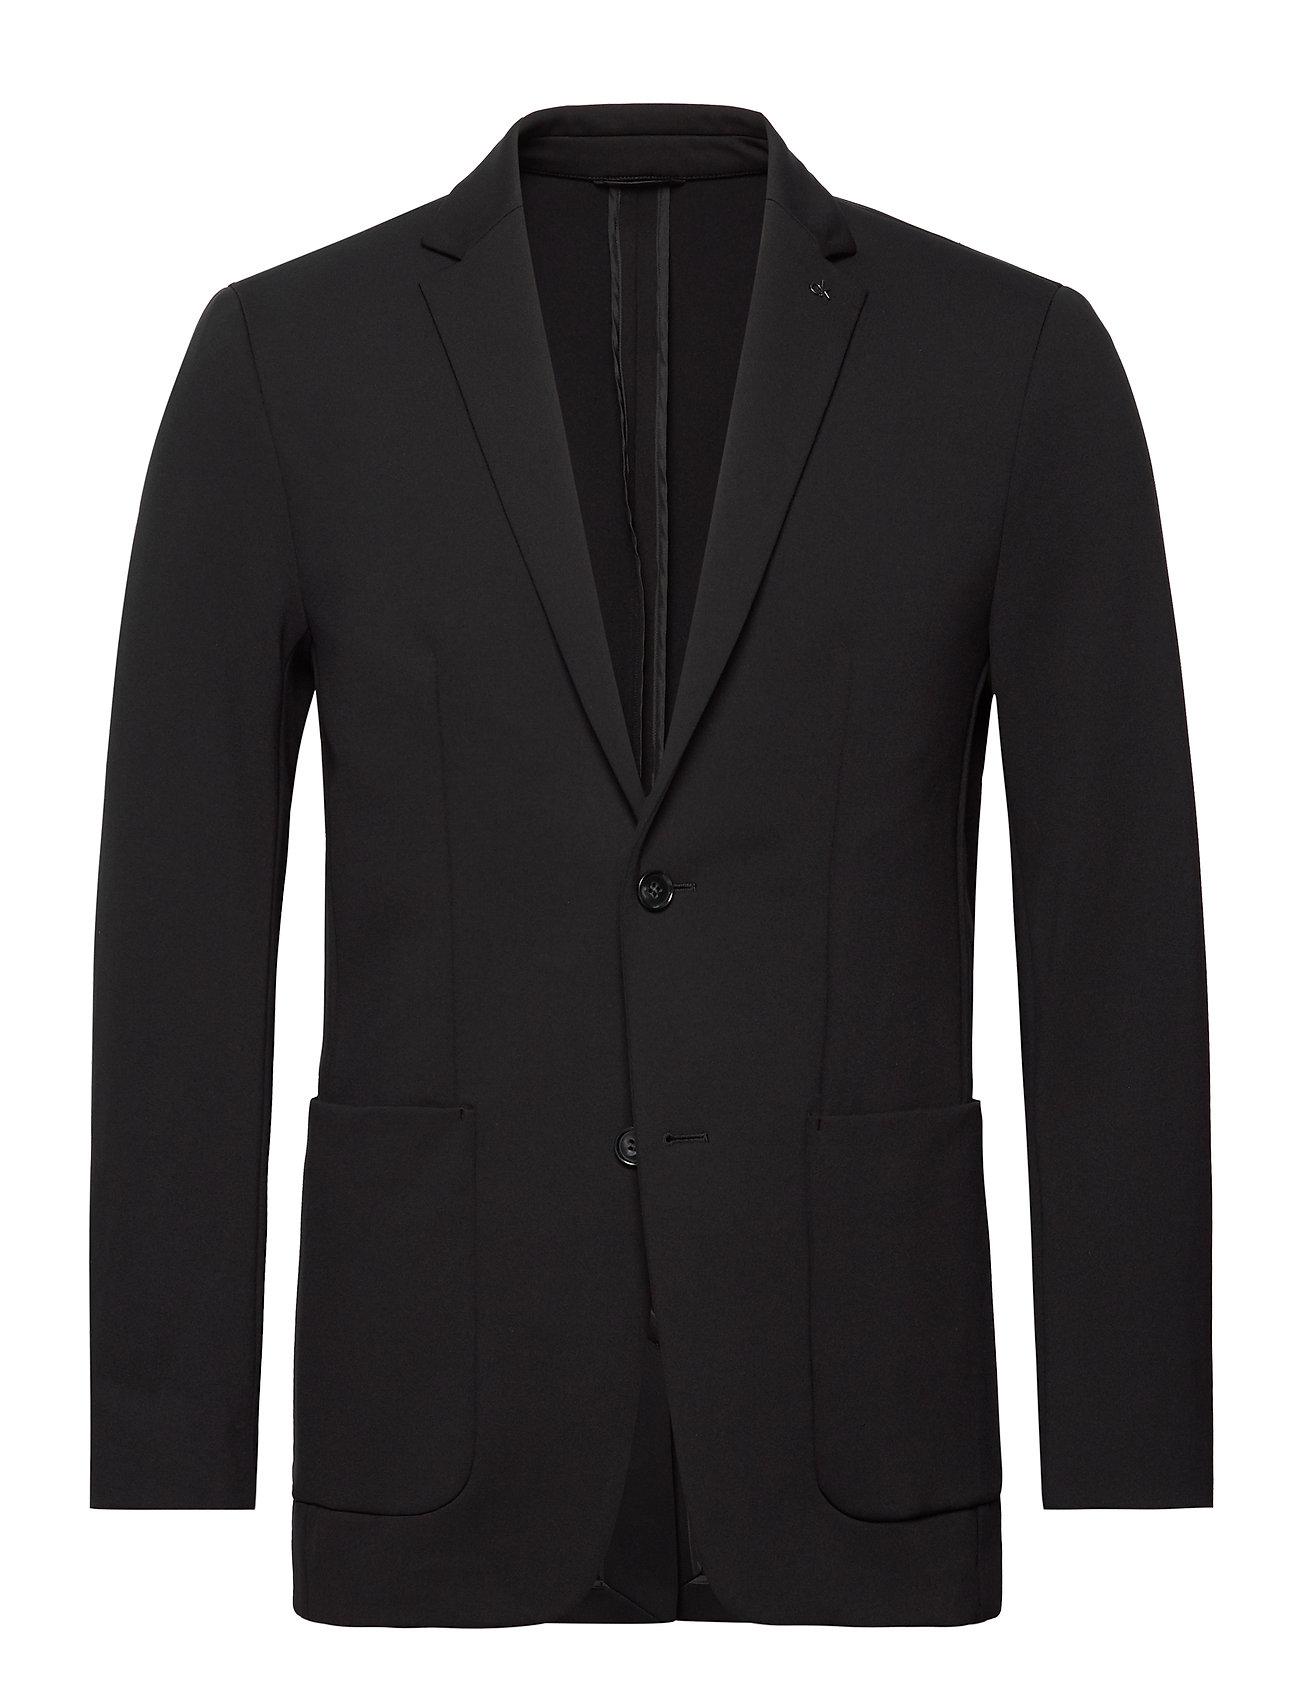 Calvin Klein SOLID JERSEY CASUAL  BLAZER - CALVIN BLACK